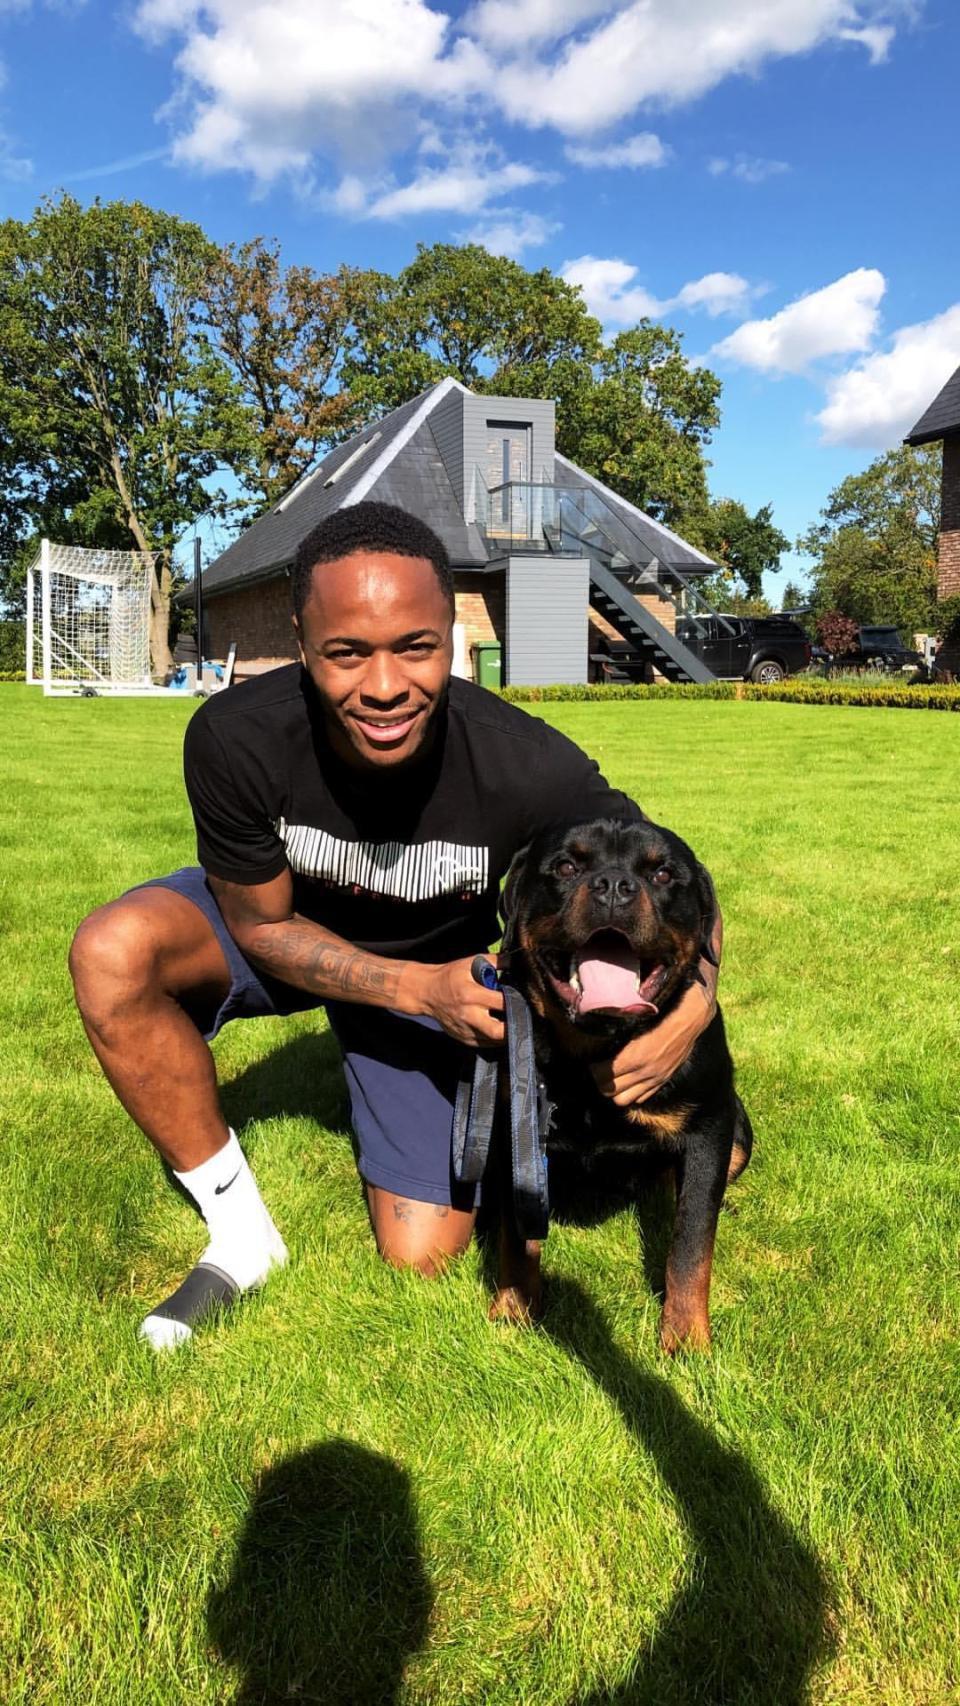 Vừa nhận mức lương khủng, Raheem Sterling mạnh tay chi gần nửa tỷ đồng mua chó vì lý do đặc biệt - Ảnh 1.